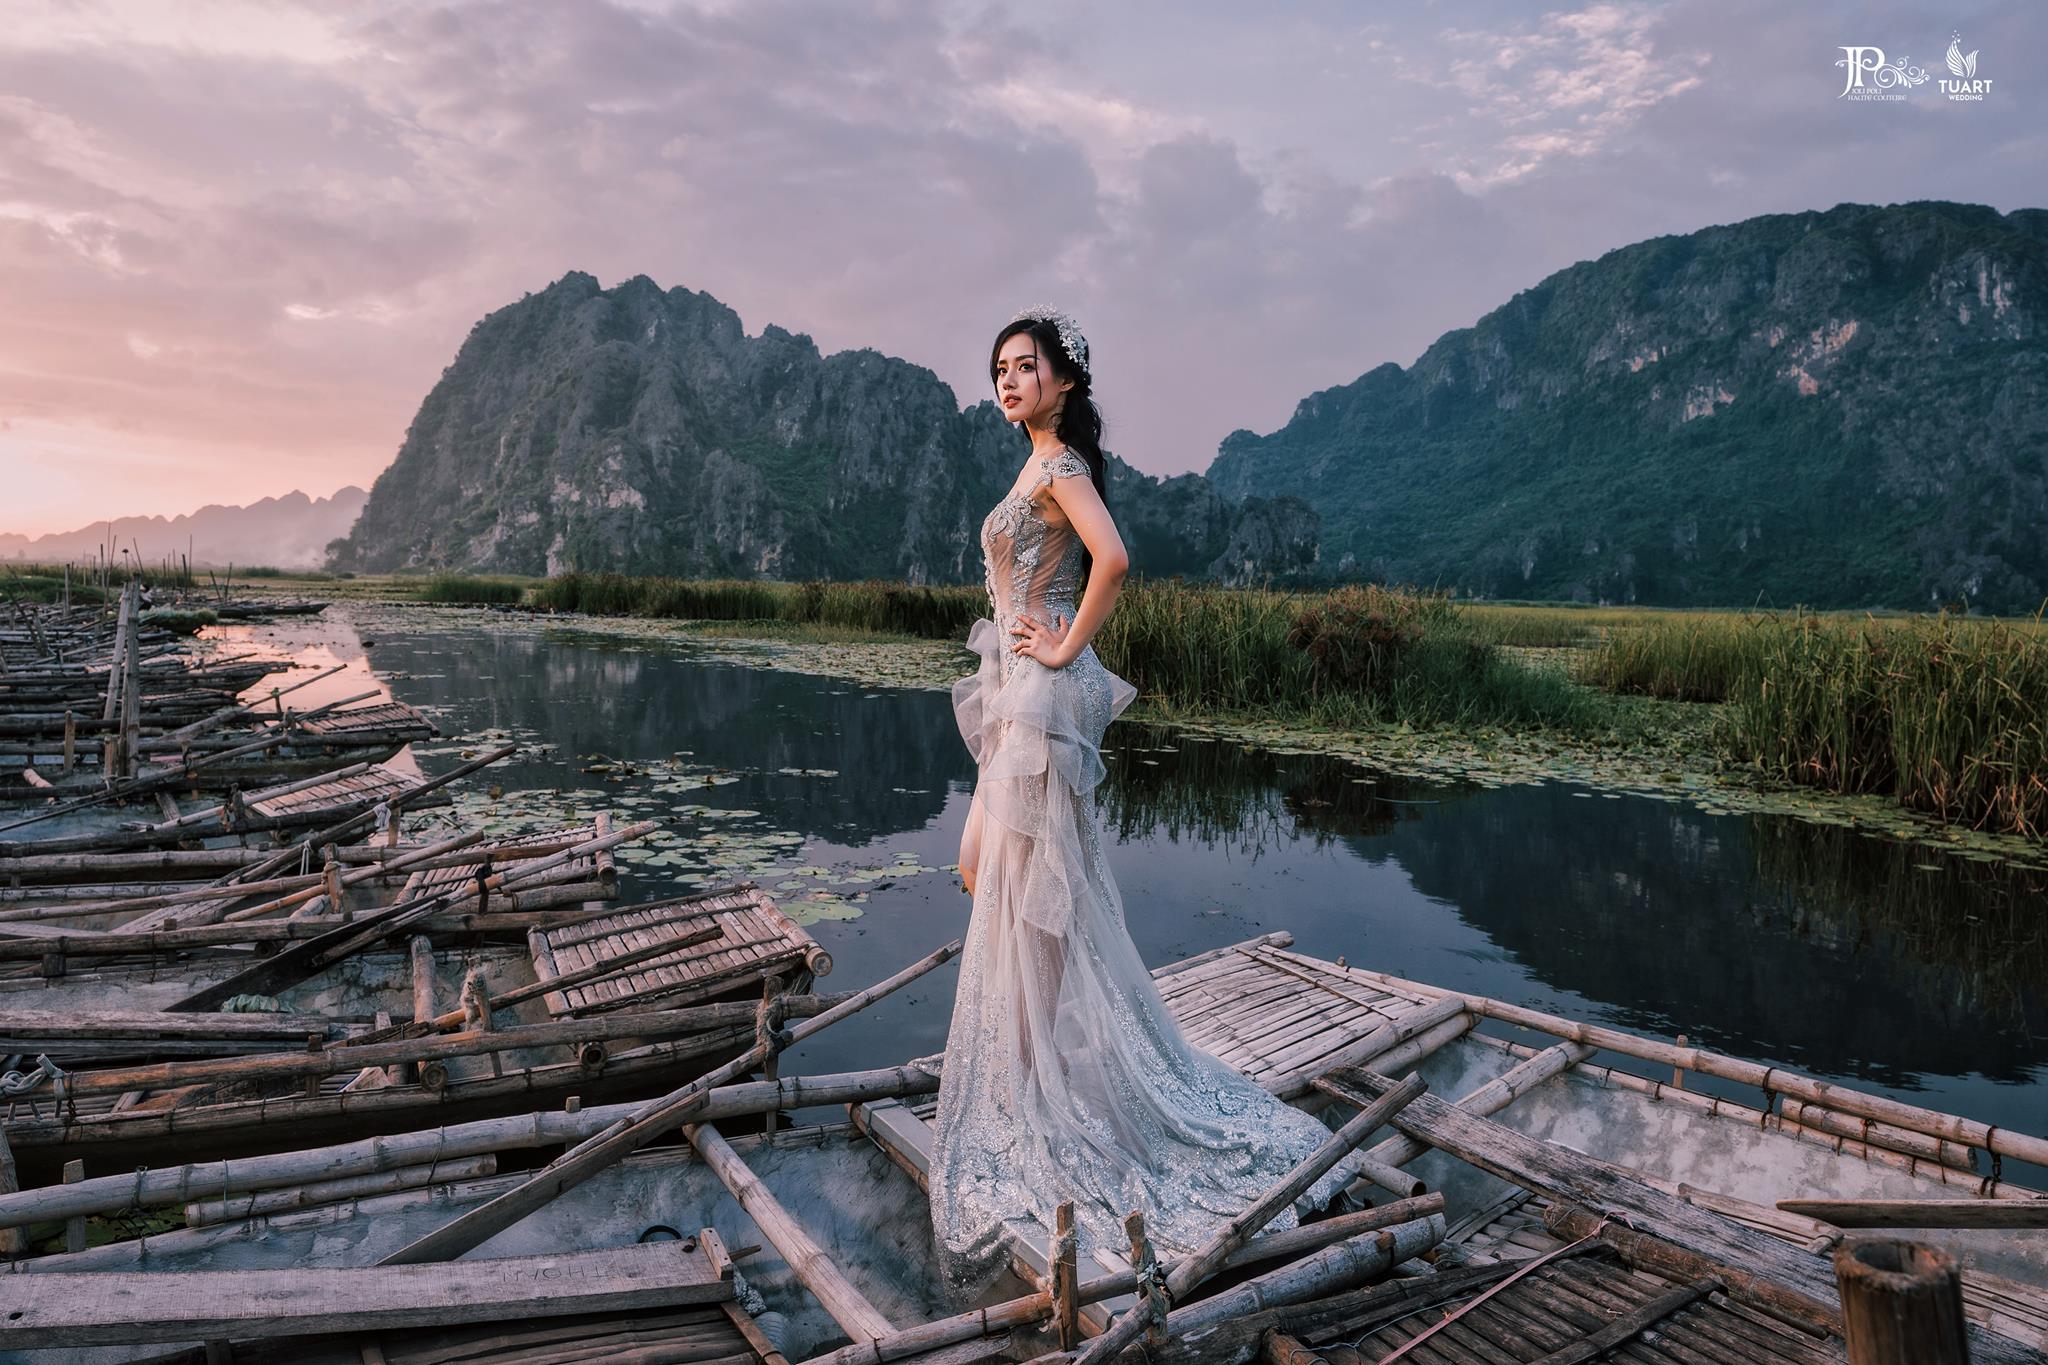 Album tại Ninh Bình Khánh Linh & Jeff Breuers – Album chụp ảnh cưới đẹp 1